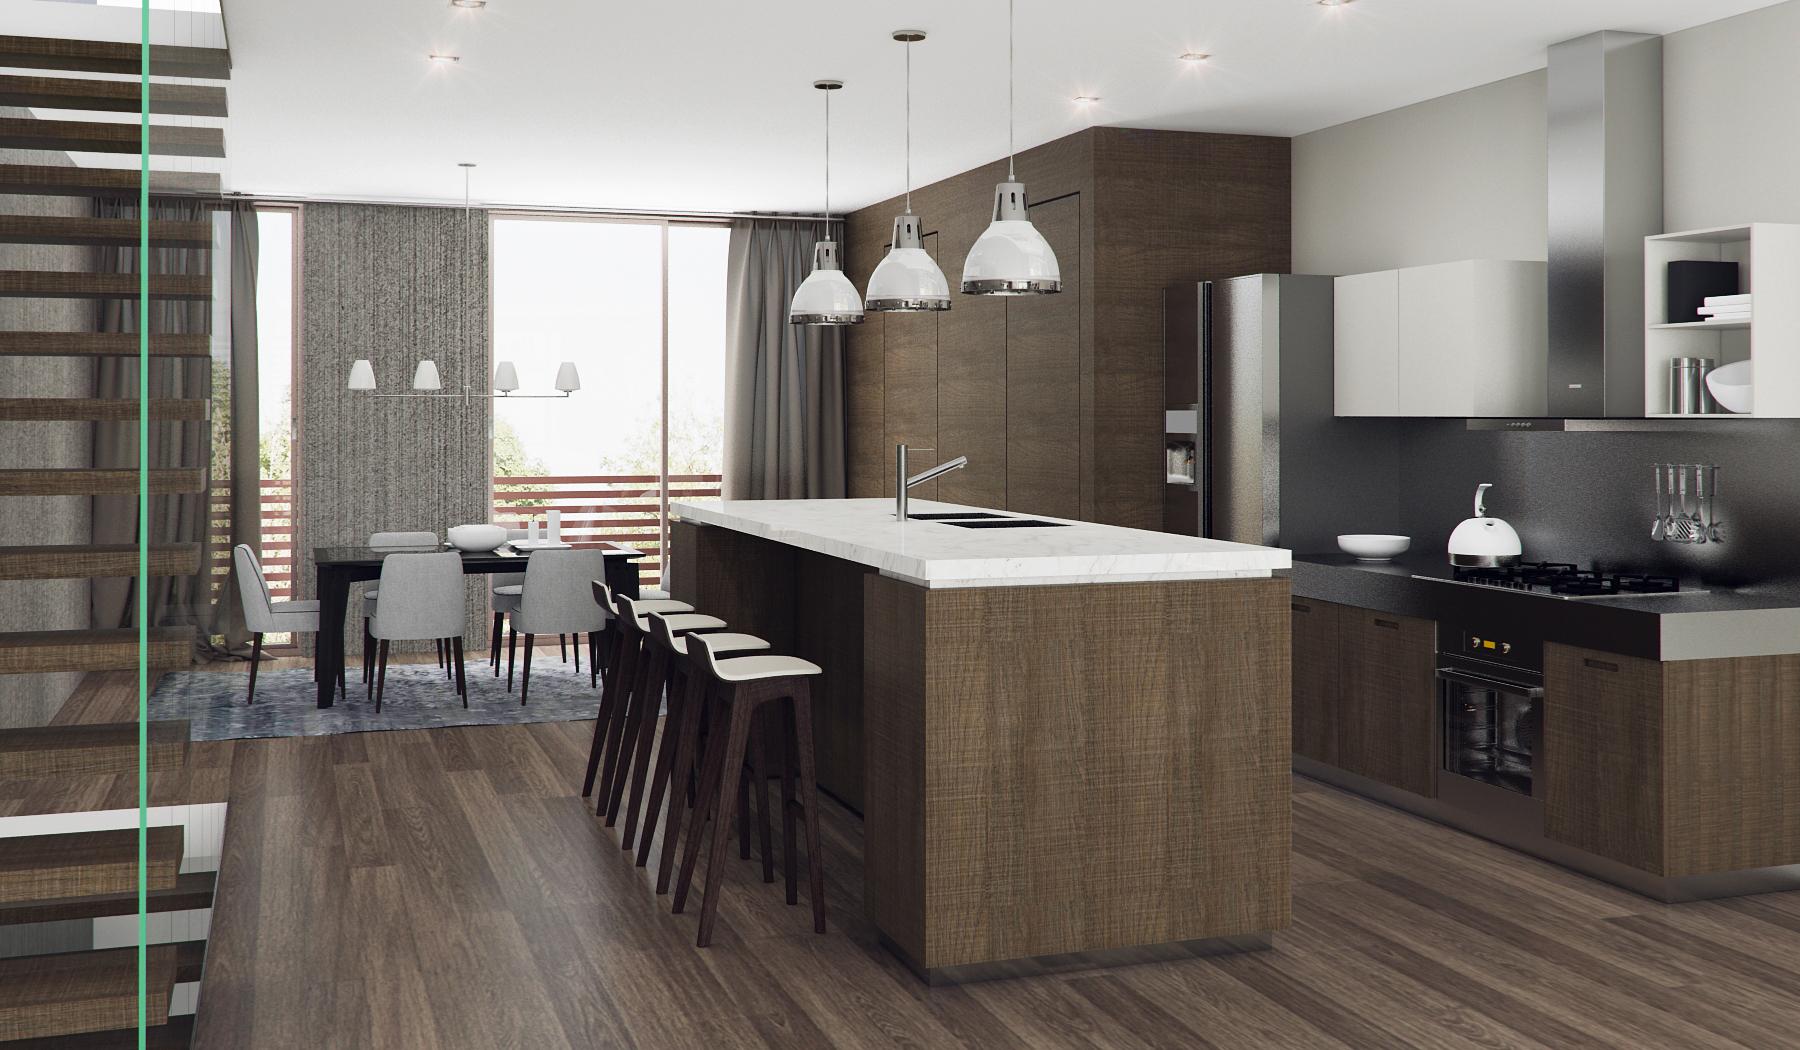 9900-Bucht-Hafen-Küche - New Build HomesNew Build Homes